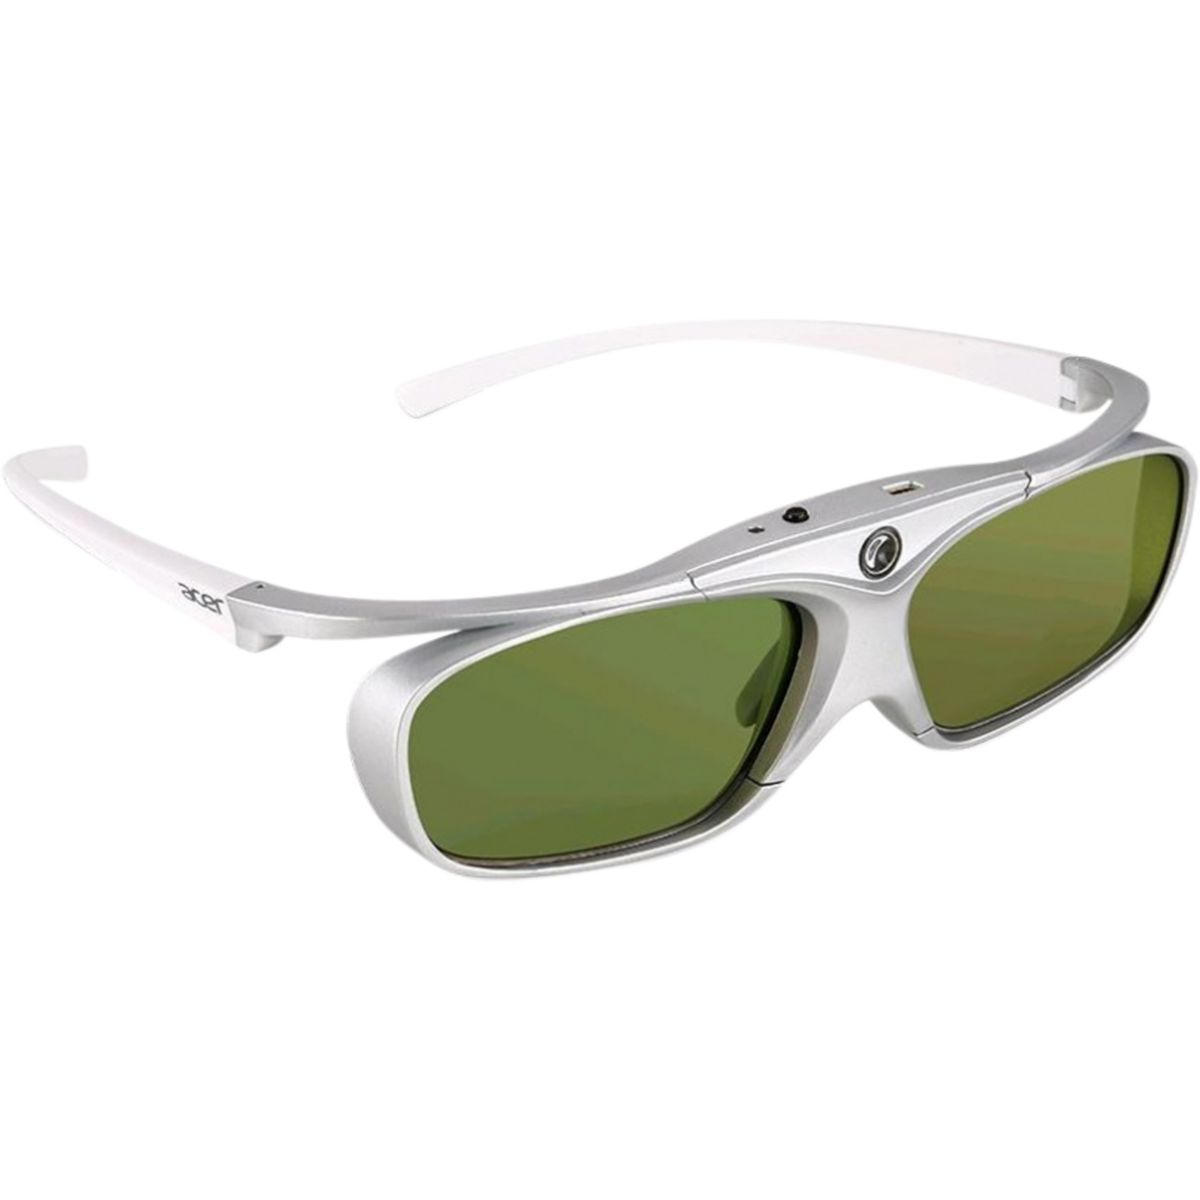 Accessoire acer lunettes 3d e4w - 5% de remise imm�diate avec le code : wd5 (photo)